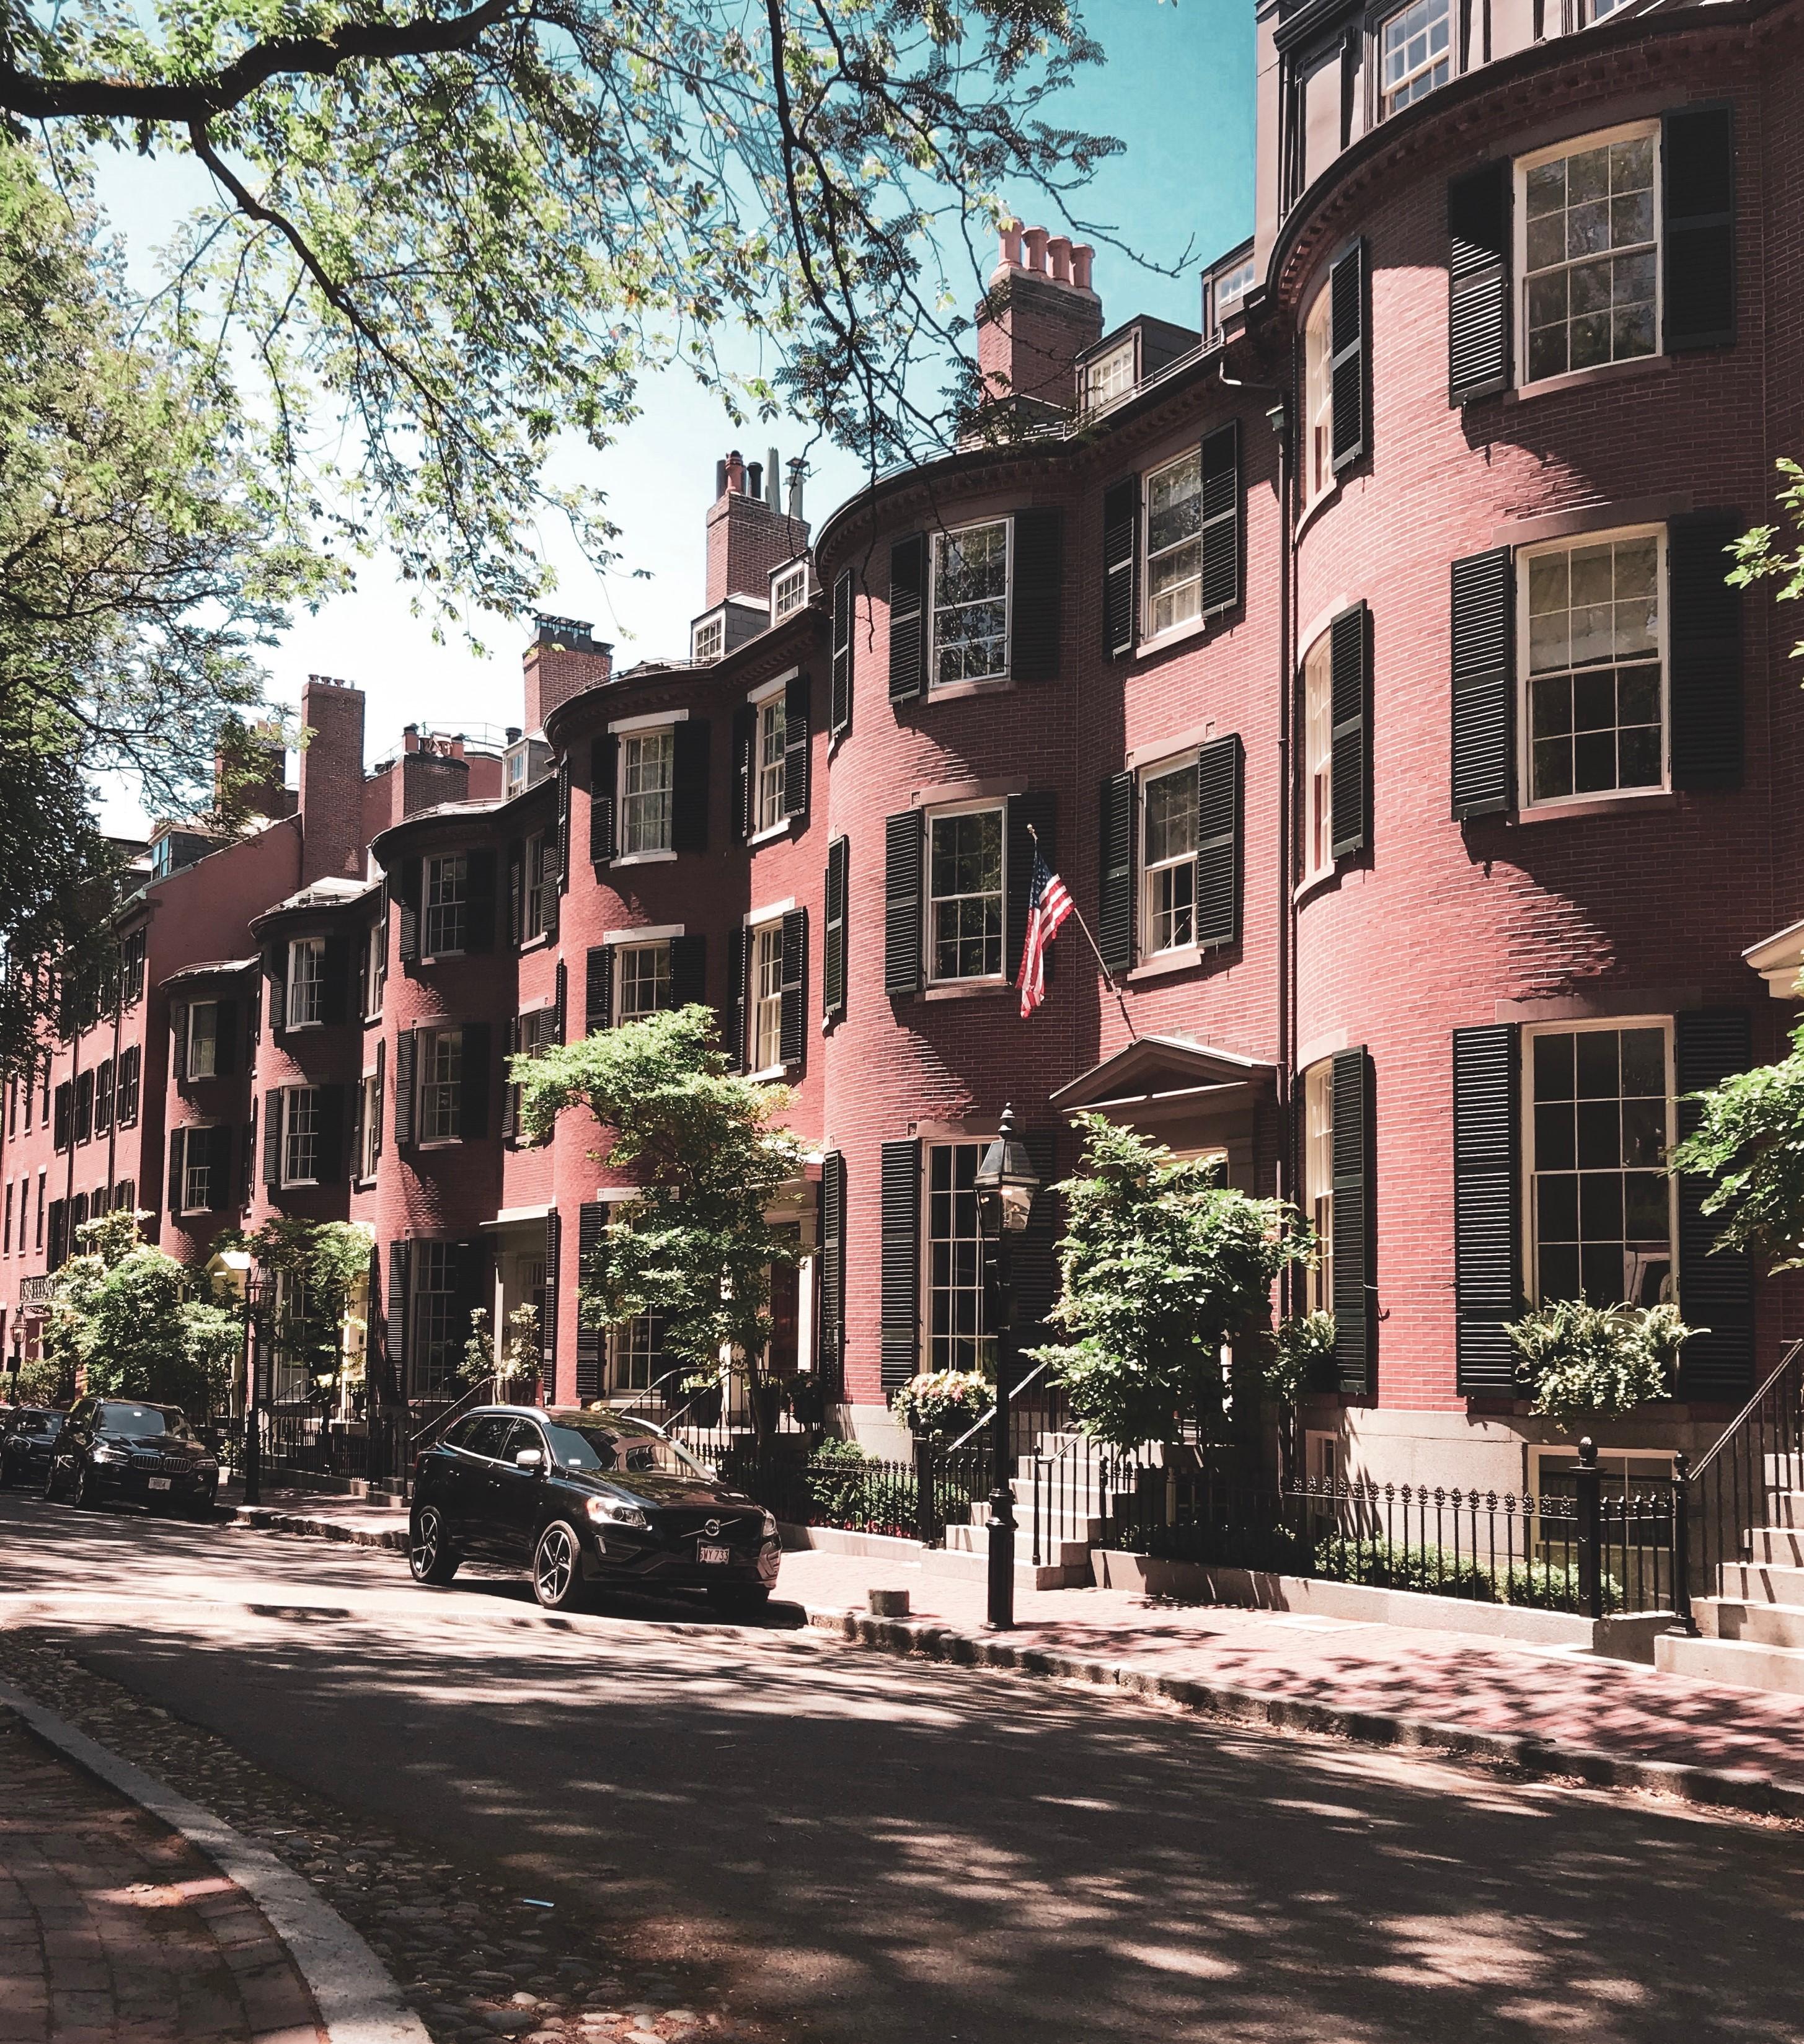 Boston-cosa-vedere-beacon-hill